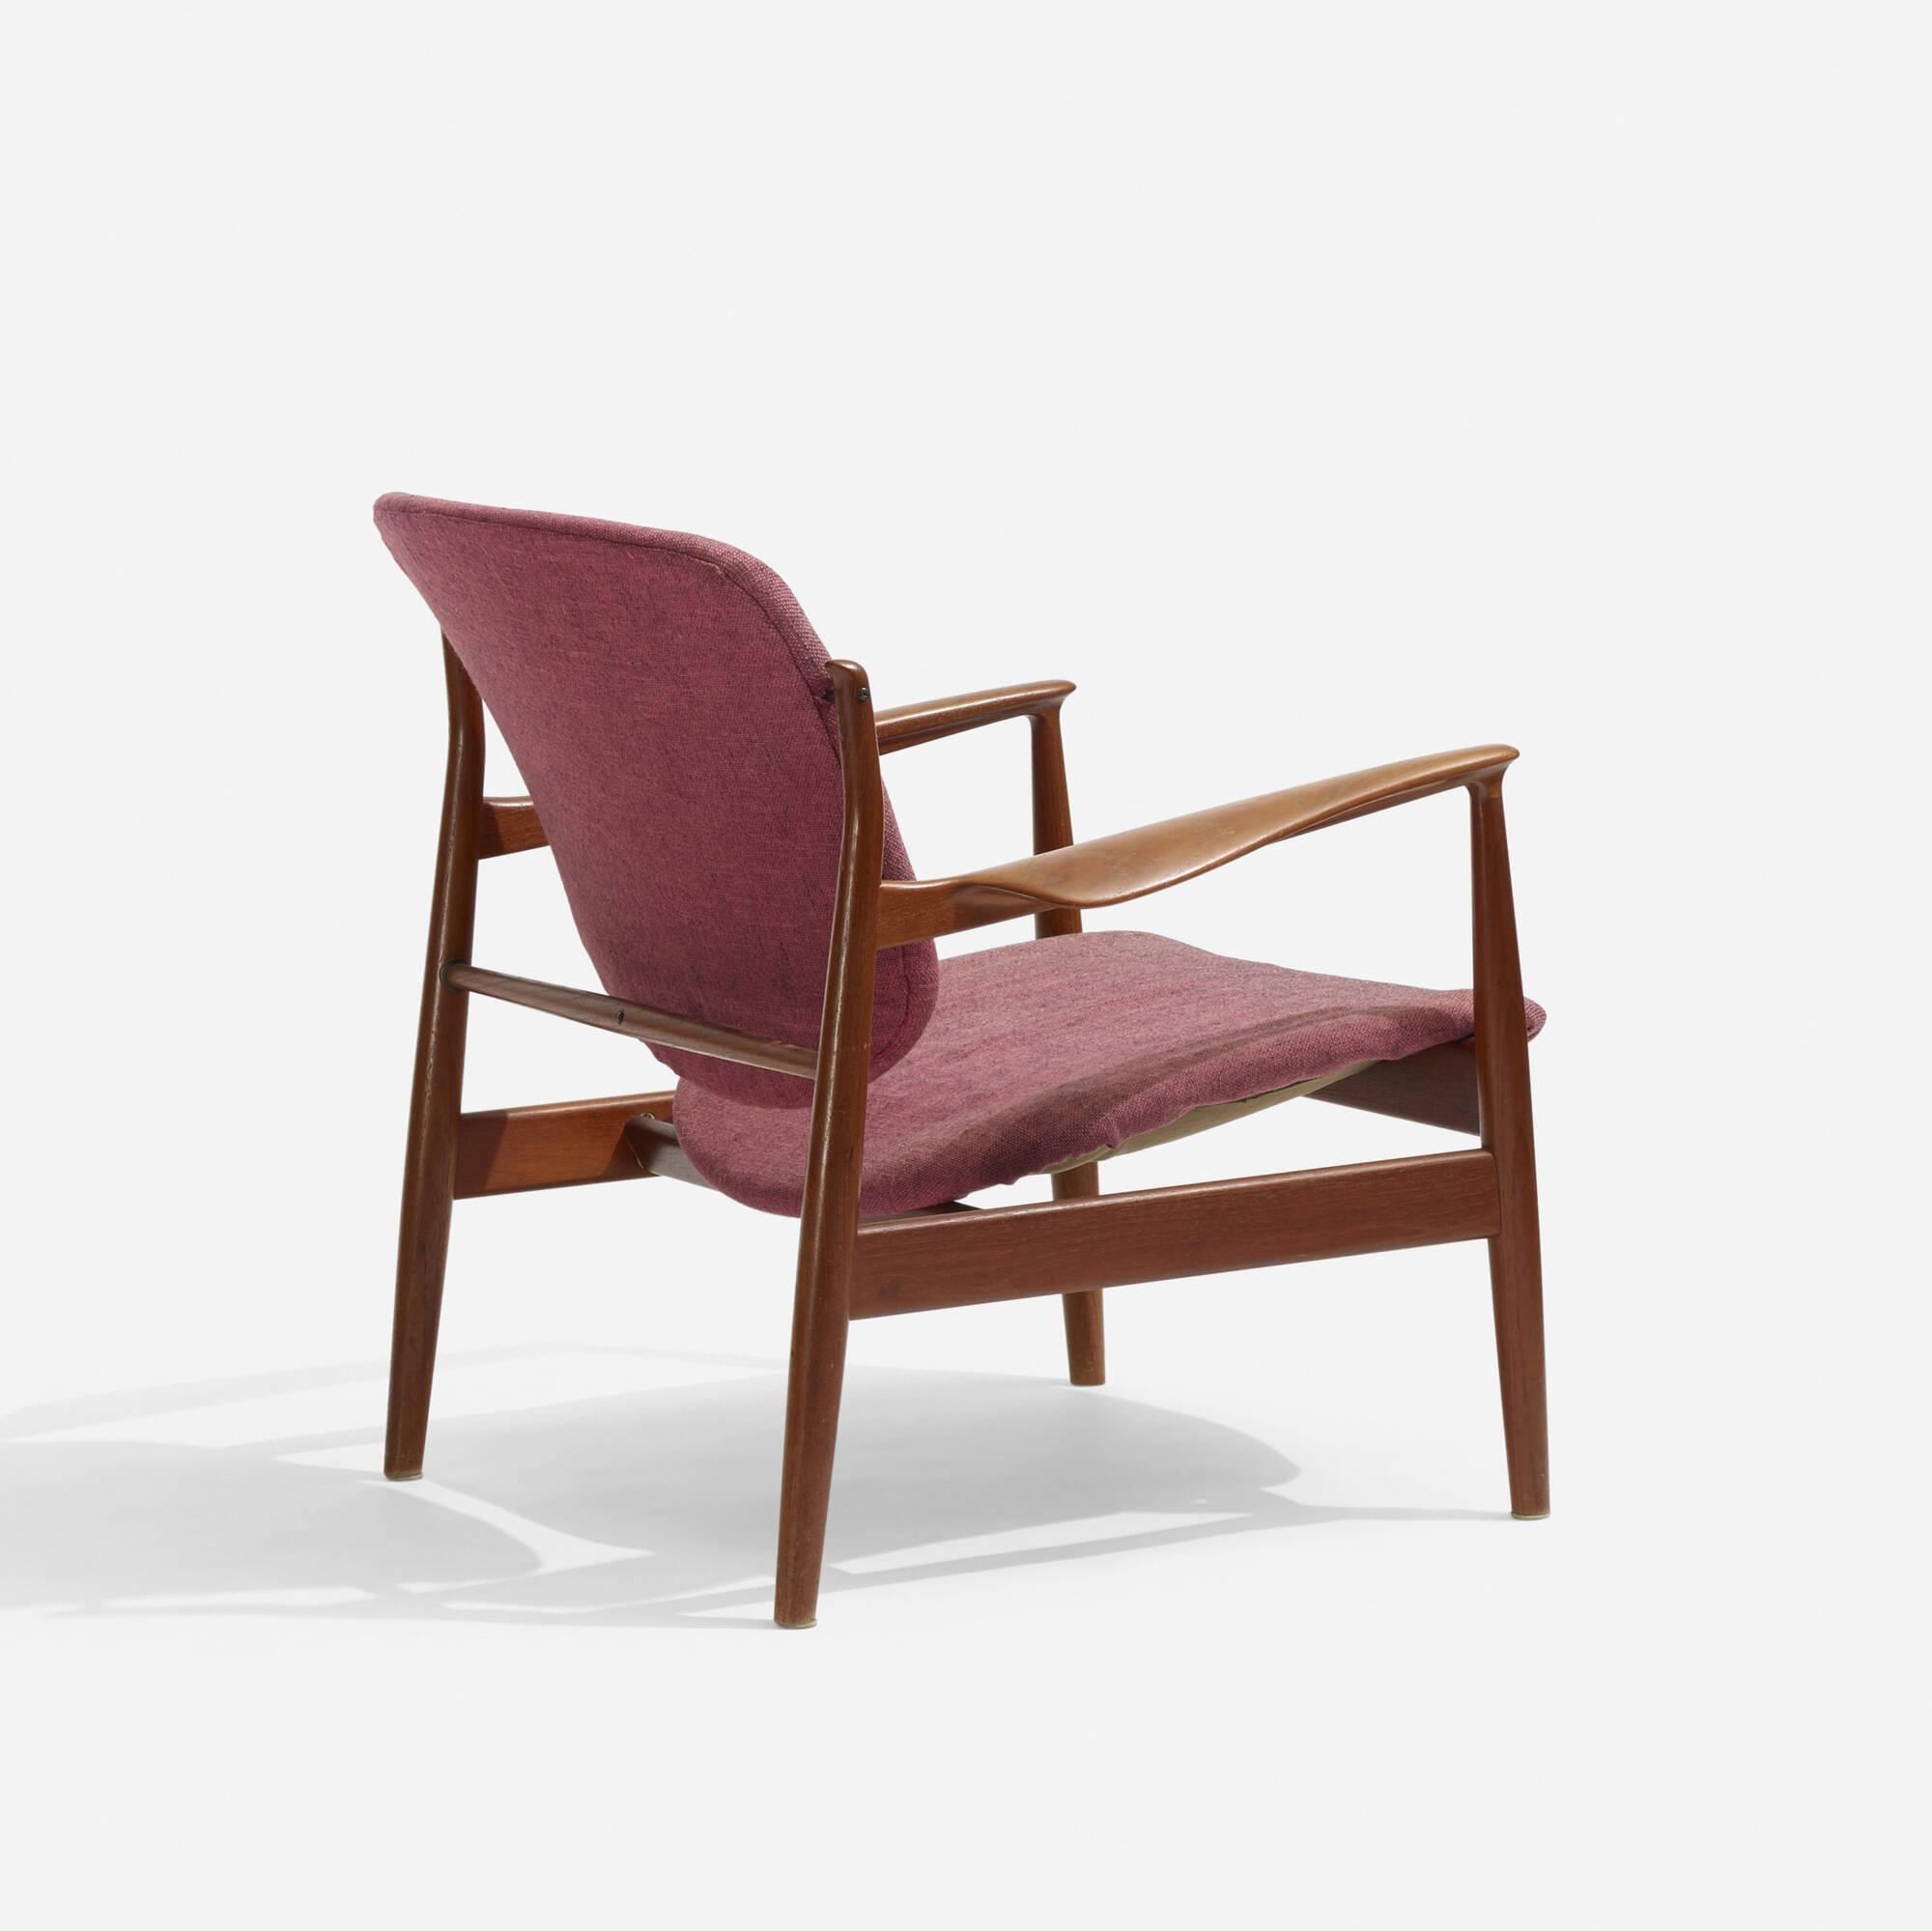 298: Finn Juhl / lounge chair (2 of 2)